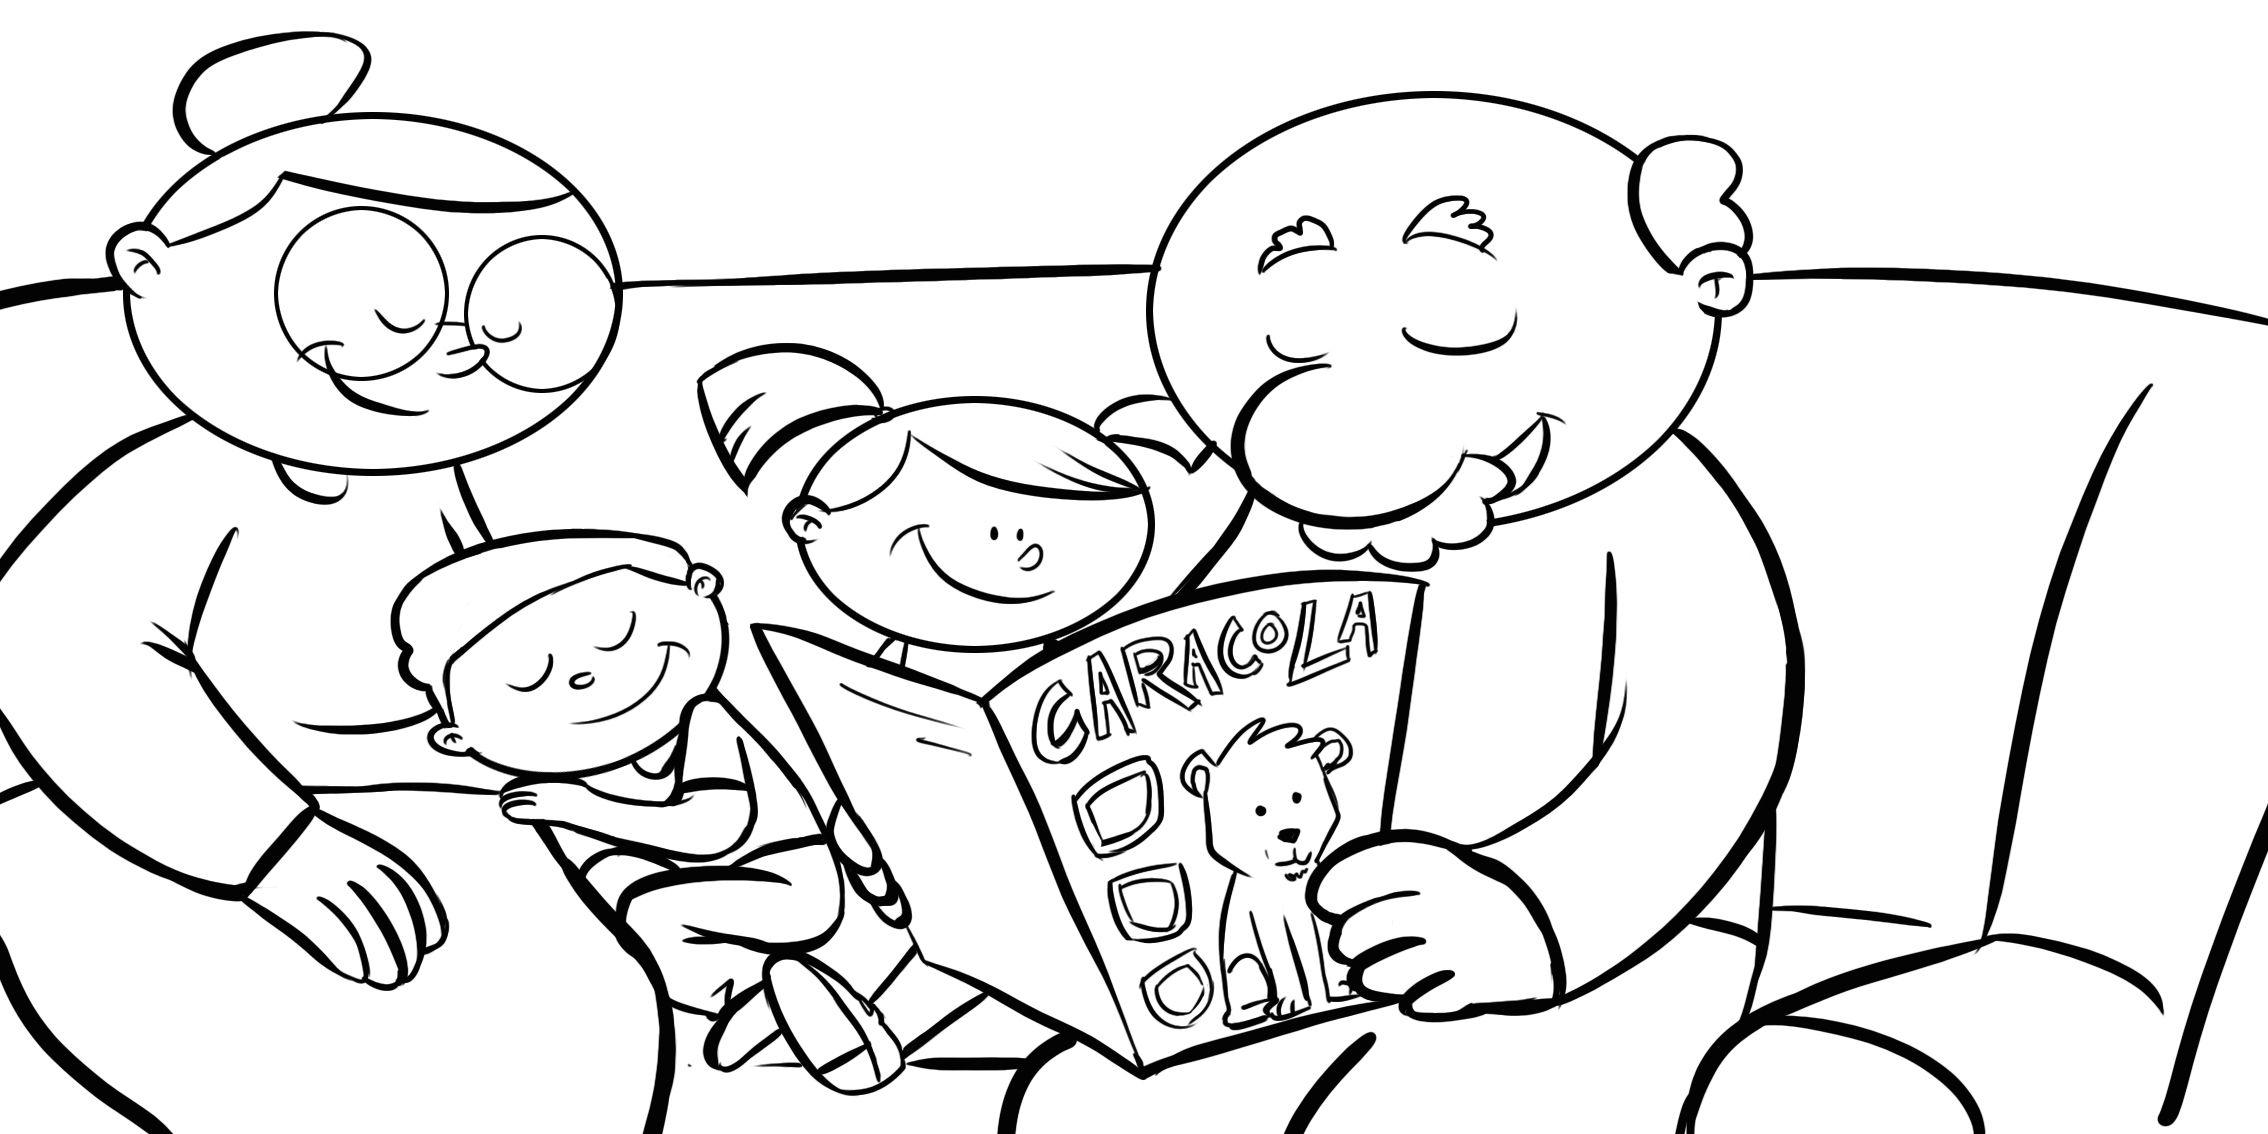 Dibujos con niños: Colorear abuelos leyendo la revista Caracola a ...